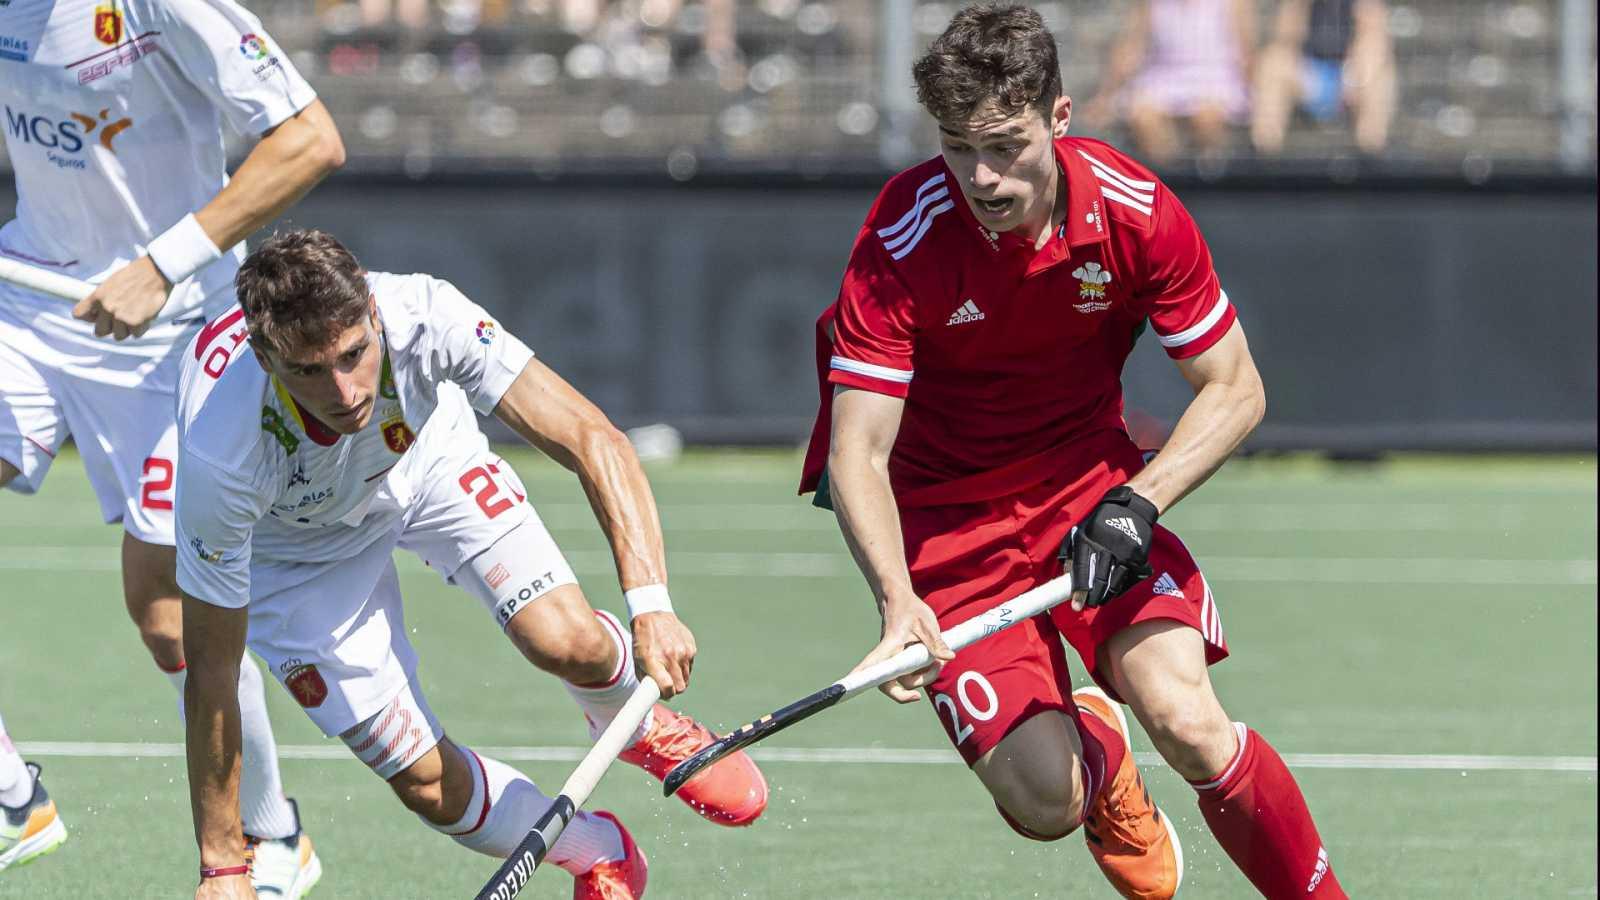 Hockey hierba - Campeonato de Europa masculino: España - Gales - ver ahora